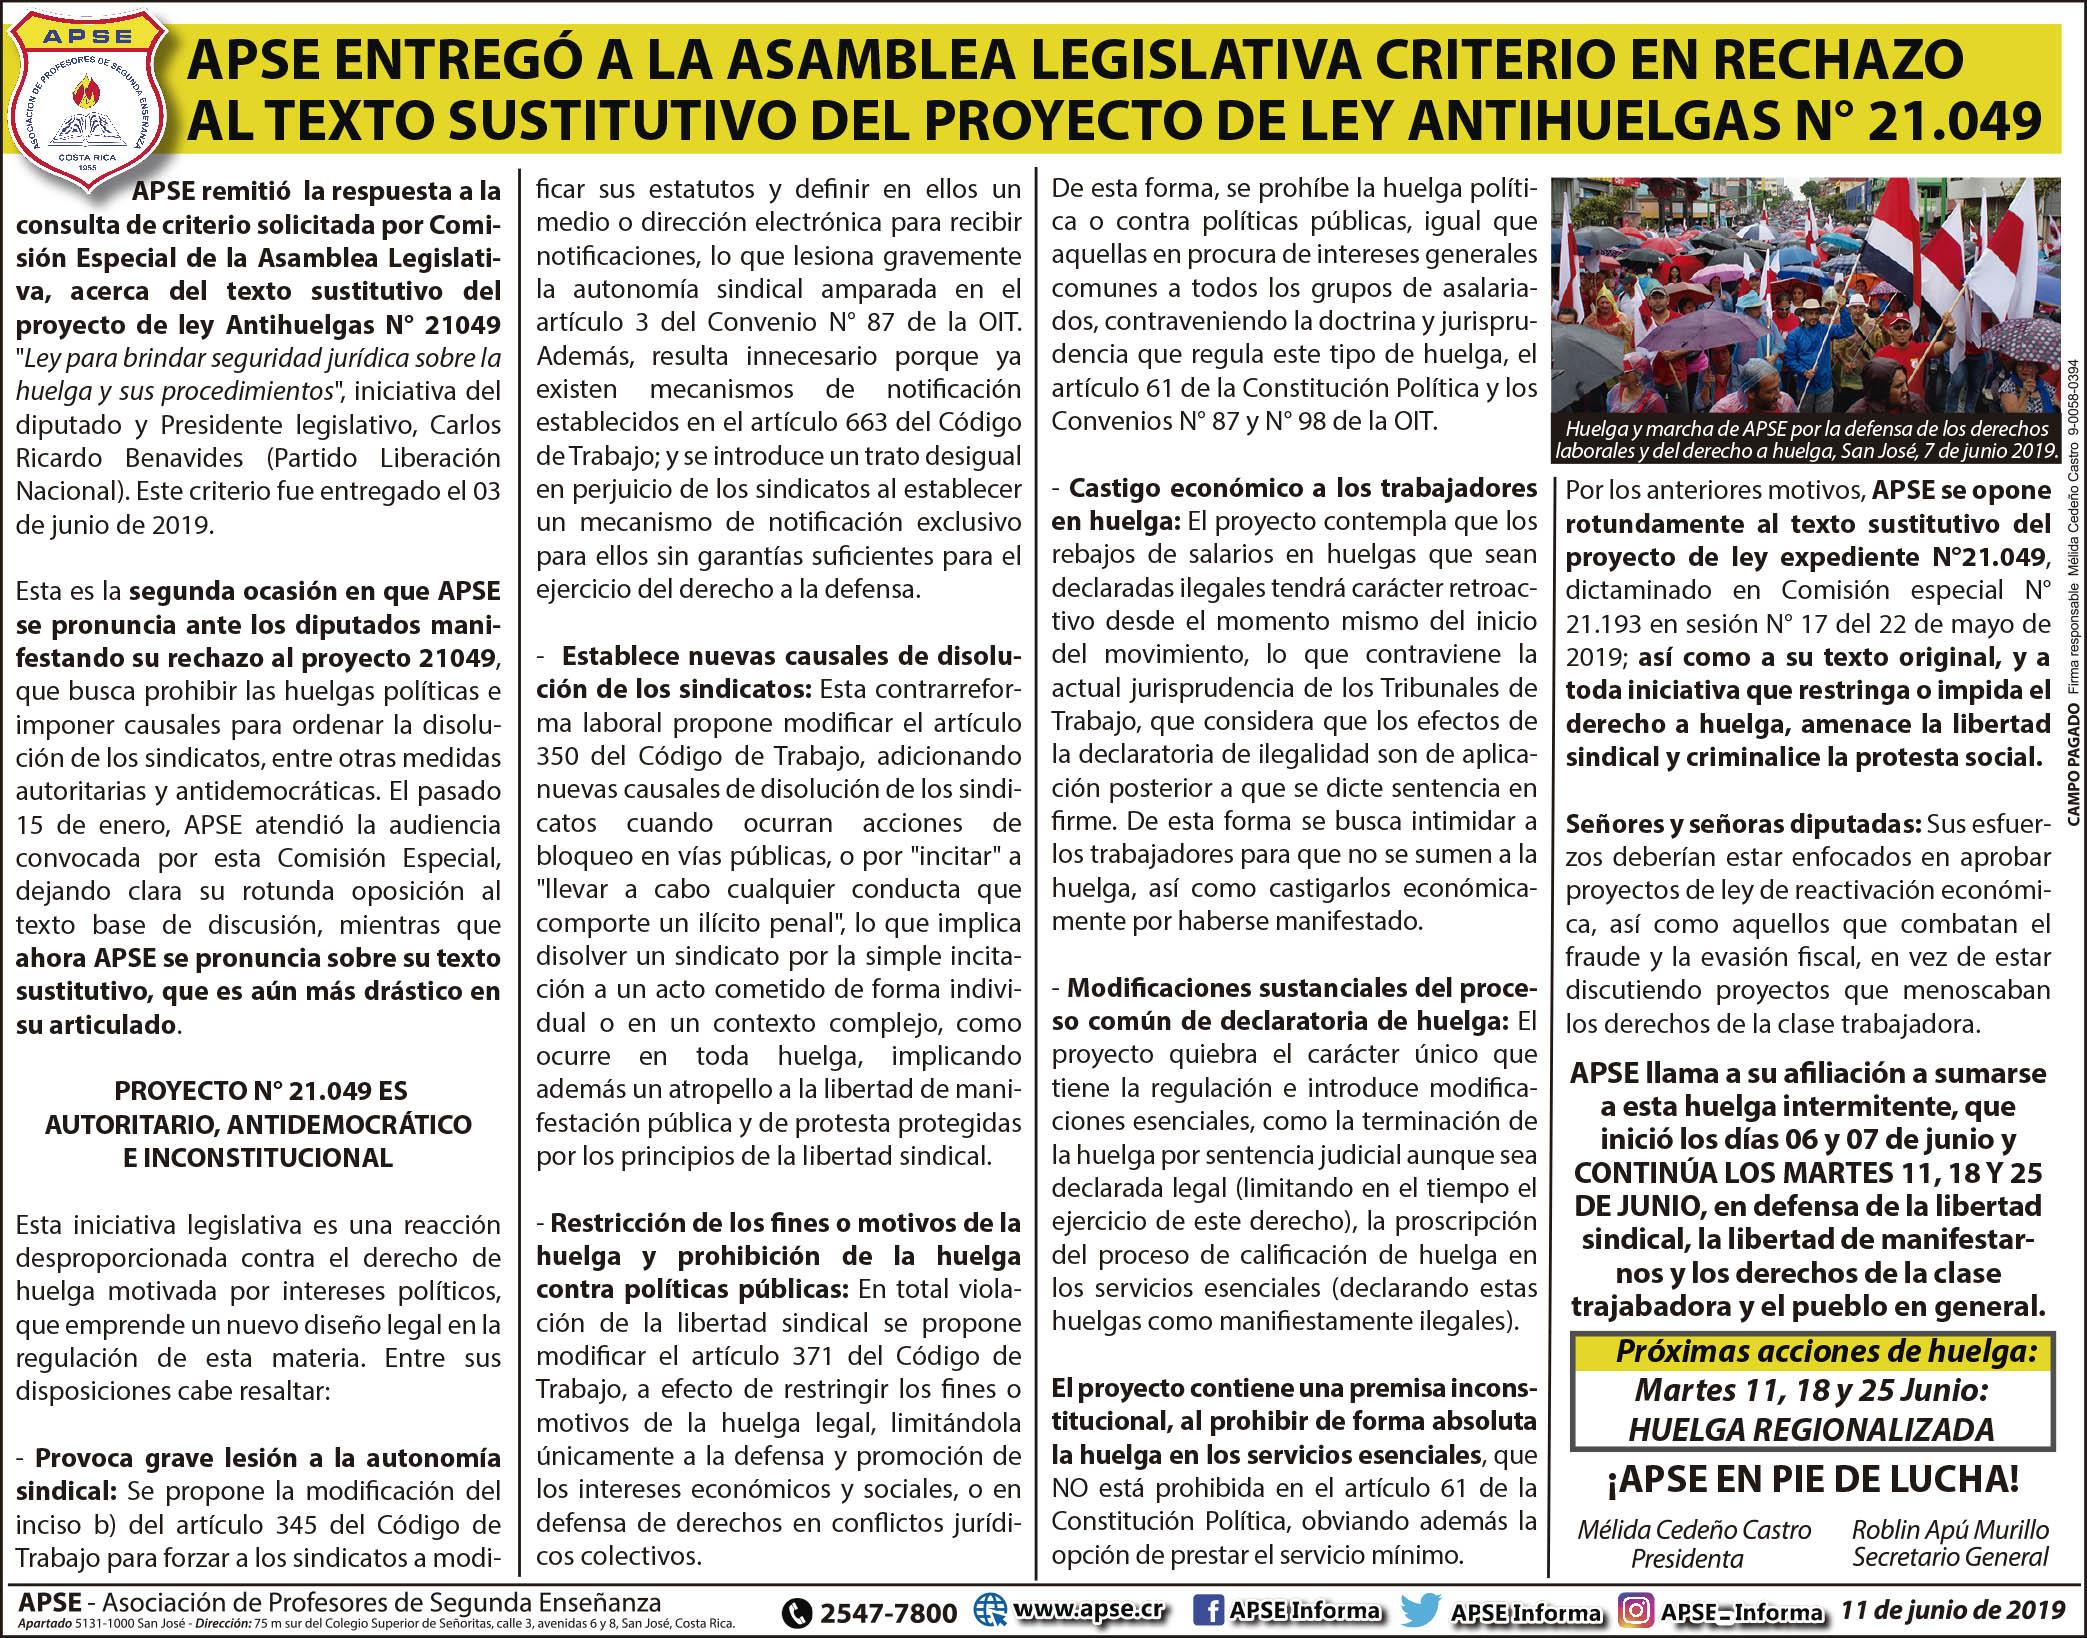 APSE ENTREGÓ A LA ASAMBLEA LEGISLATIVA CRITERIO EN RECHAZO AL TEXTO SUSTITUTIVO DEL PROYECTO DE LEY ANTIHUELGAS N° 21.049